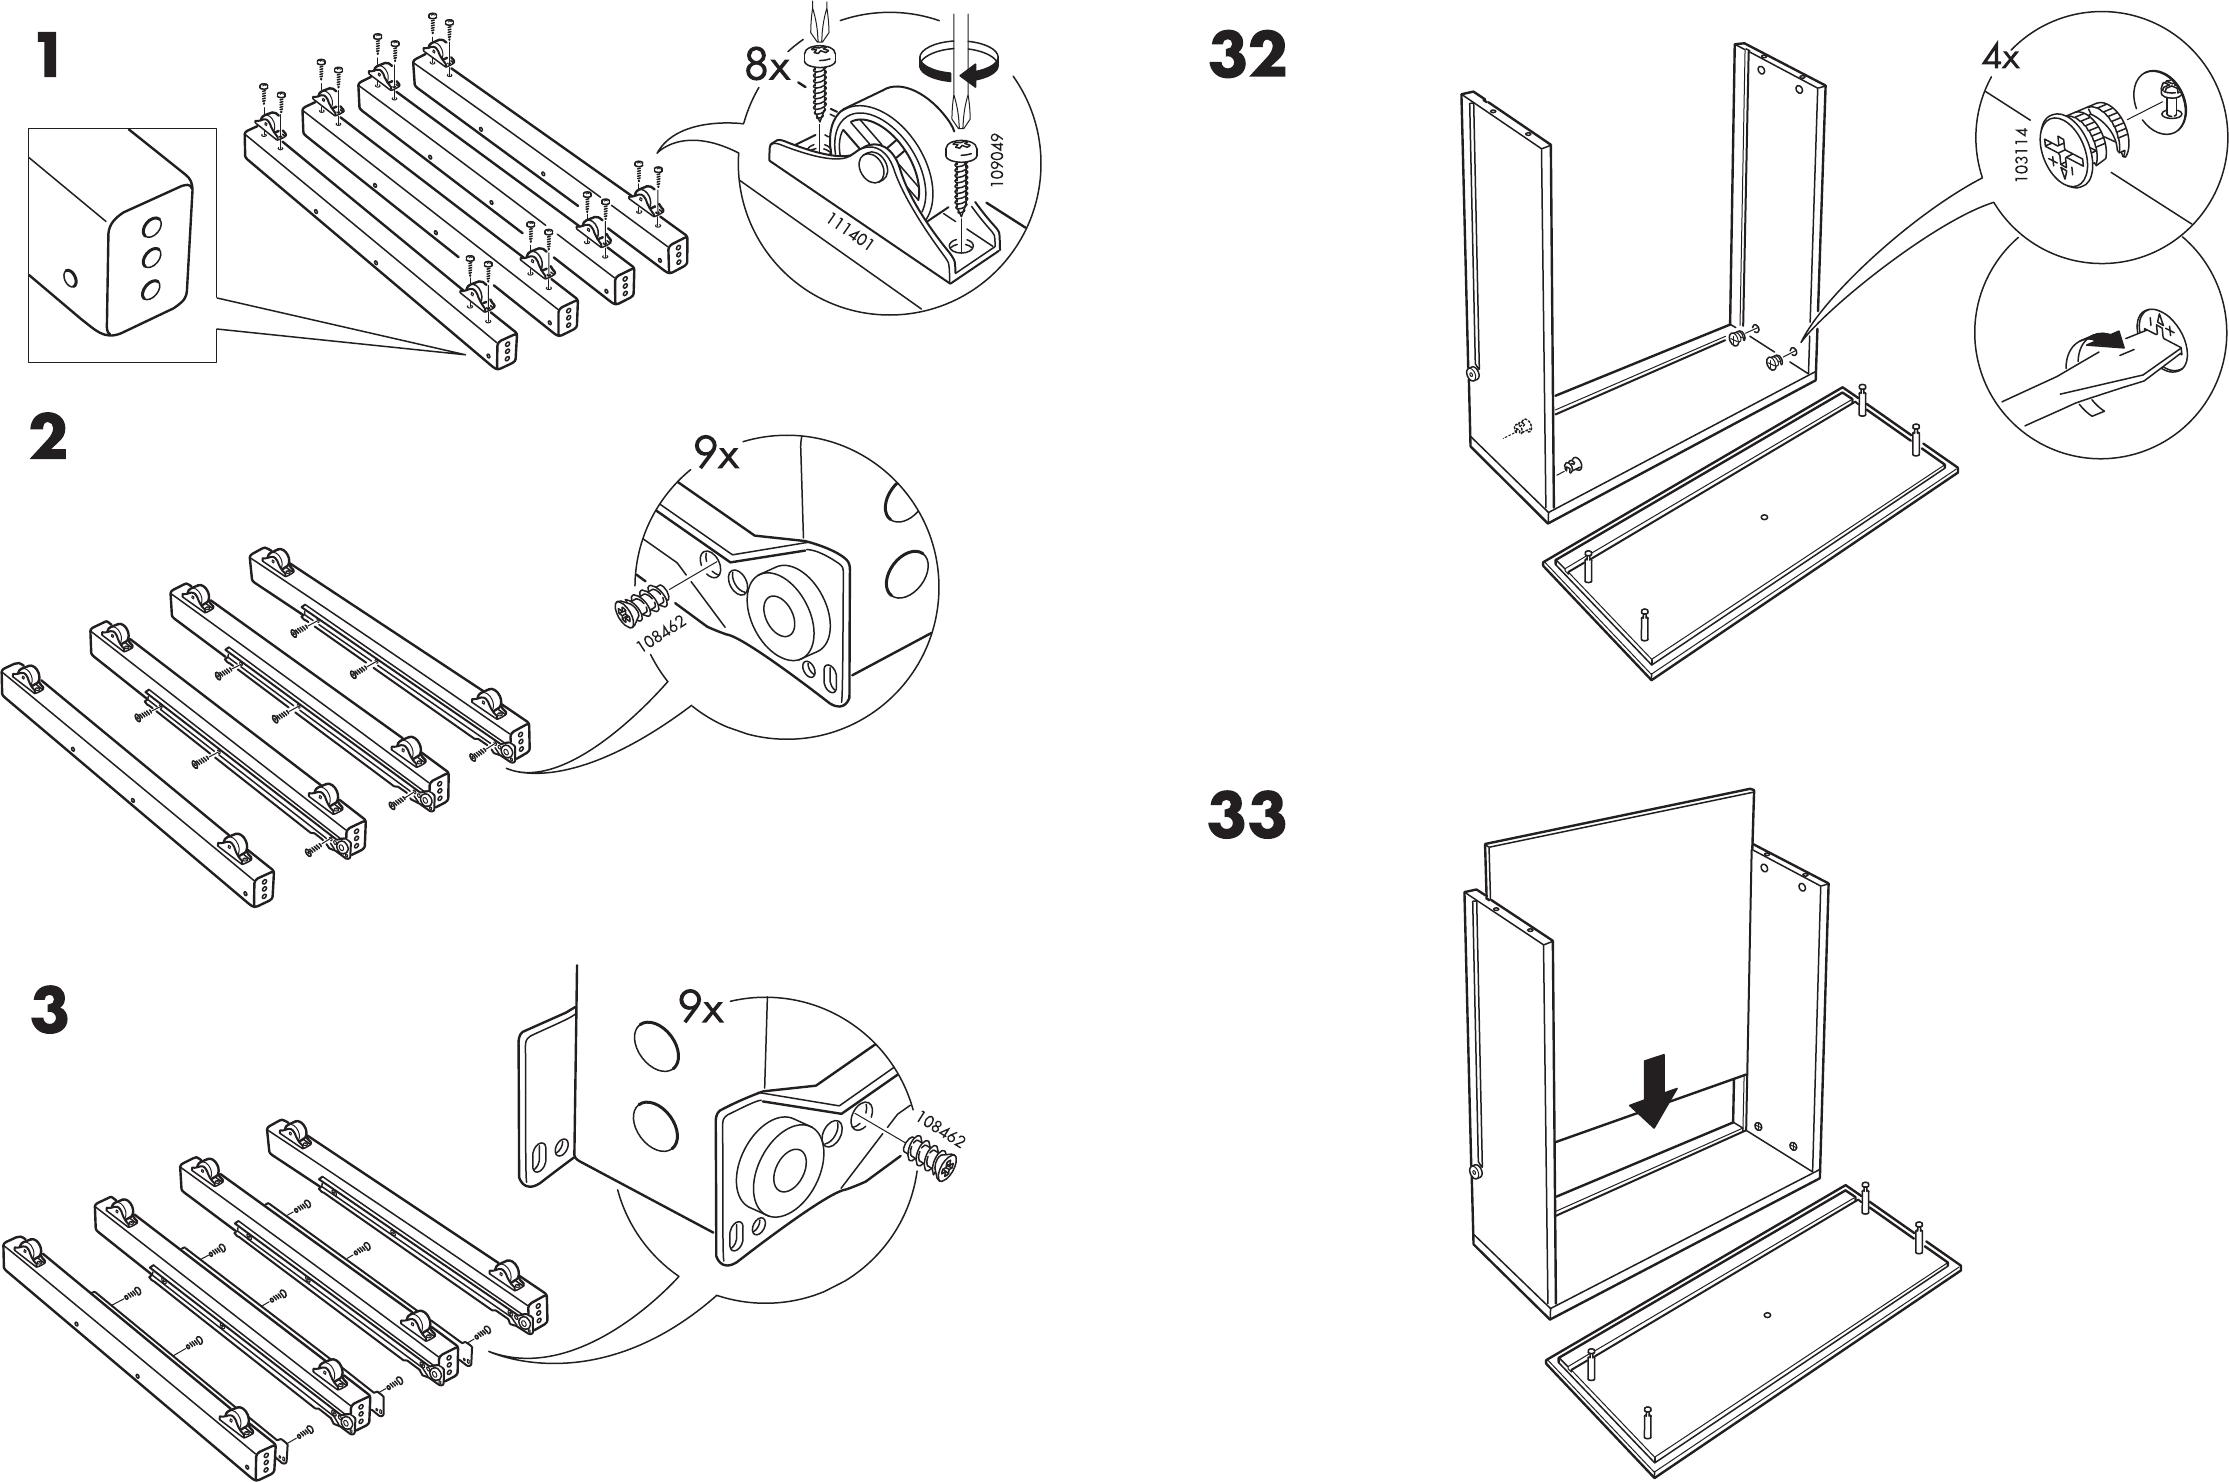 Hemnes Bedbank Ikea.Handleiding Ikea Hemnes Bedbank Pagina 7 Van 12 Dansk Deutsch